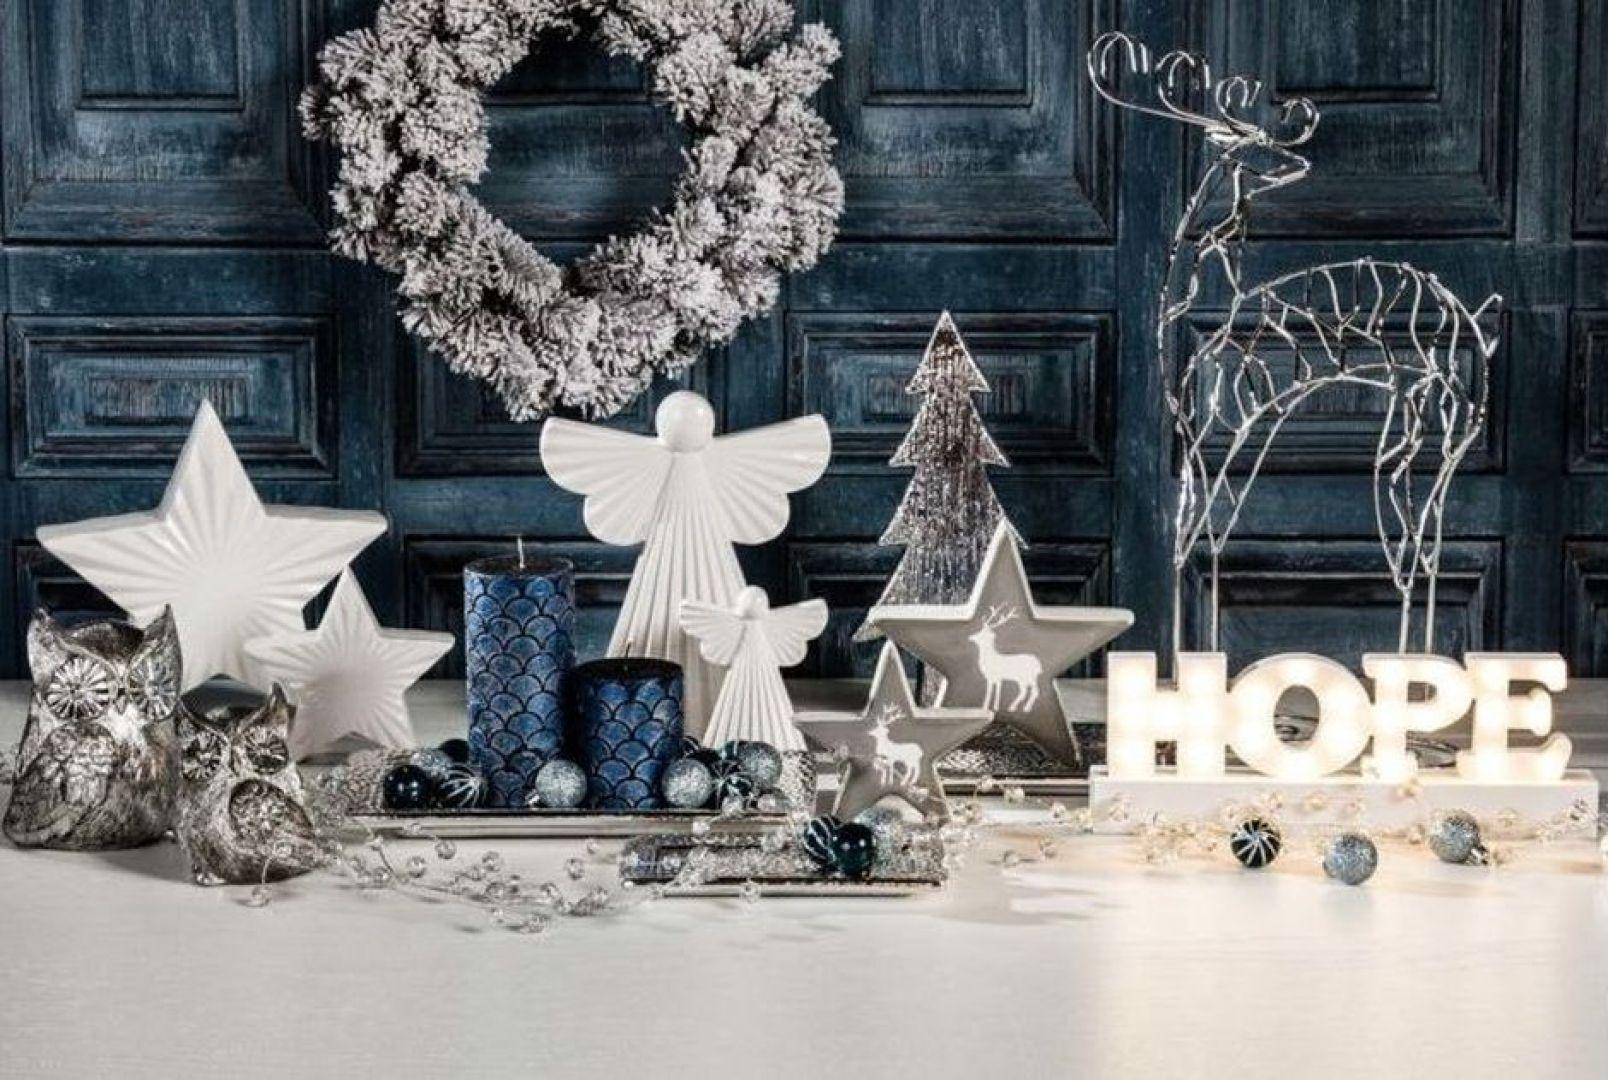 Świąteczne dekoracje potrafią odmienić wygląd domu. Fot. Agata